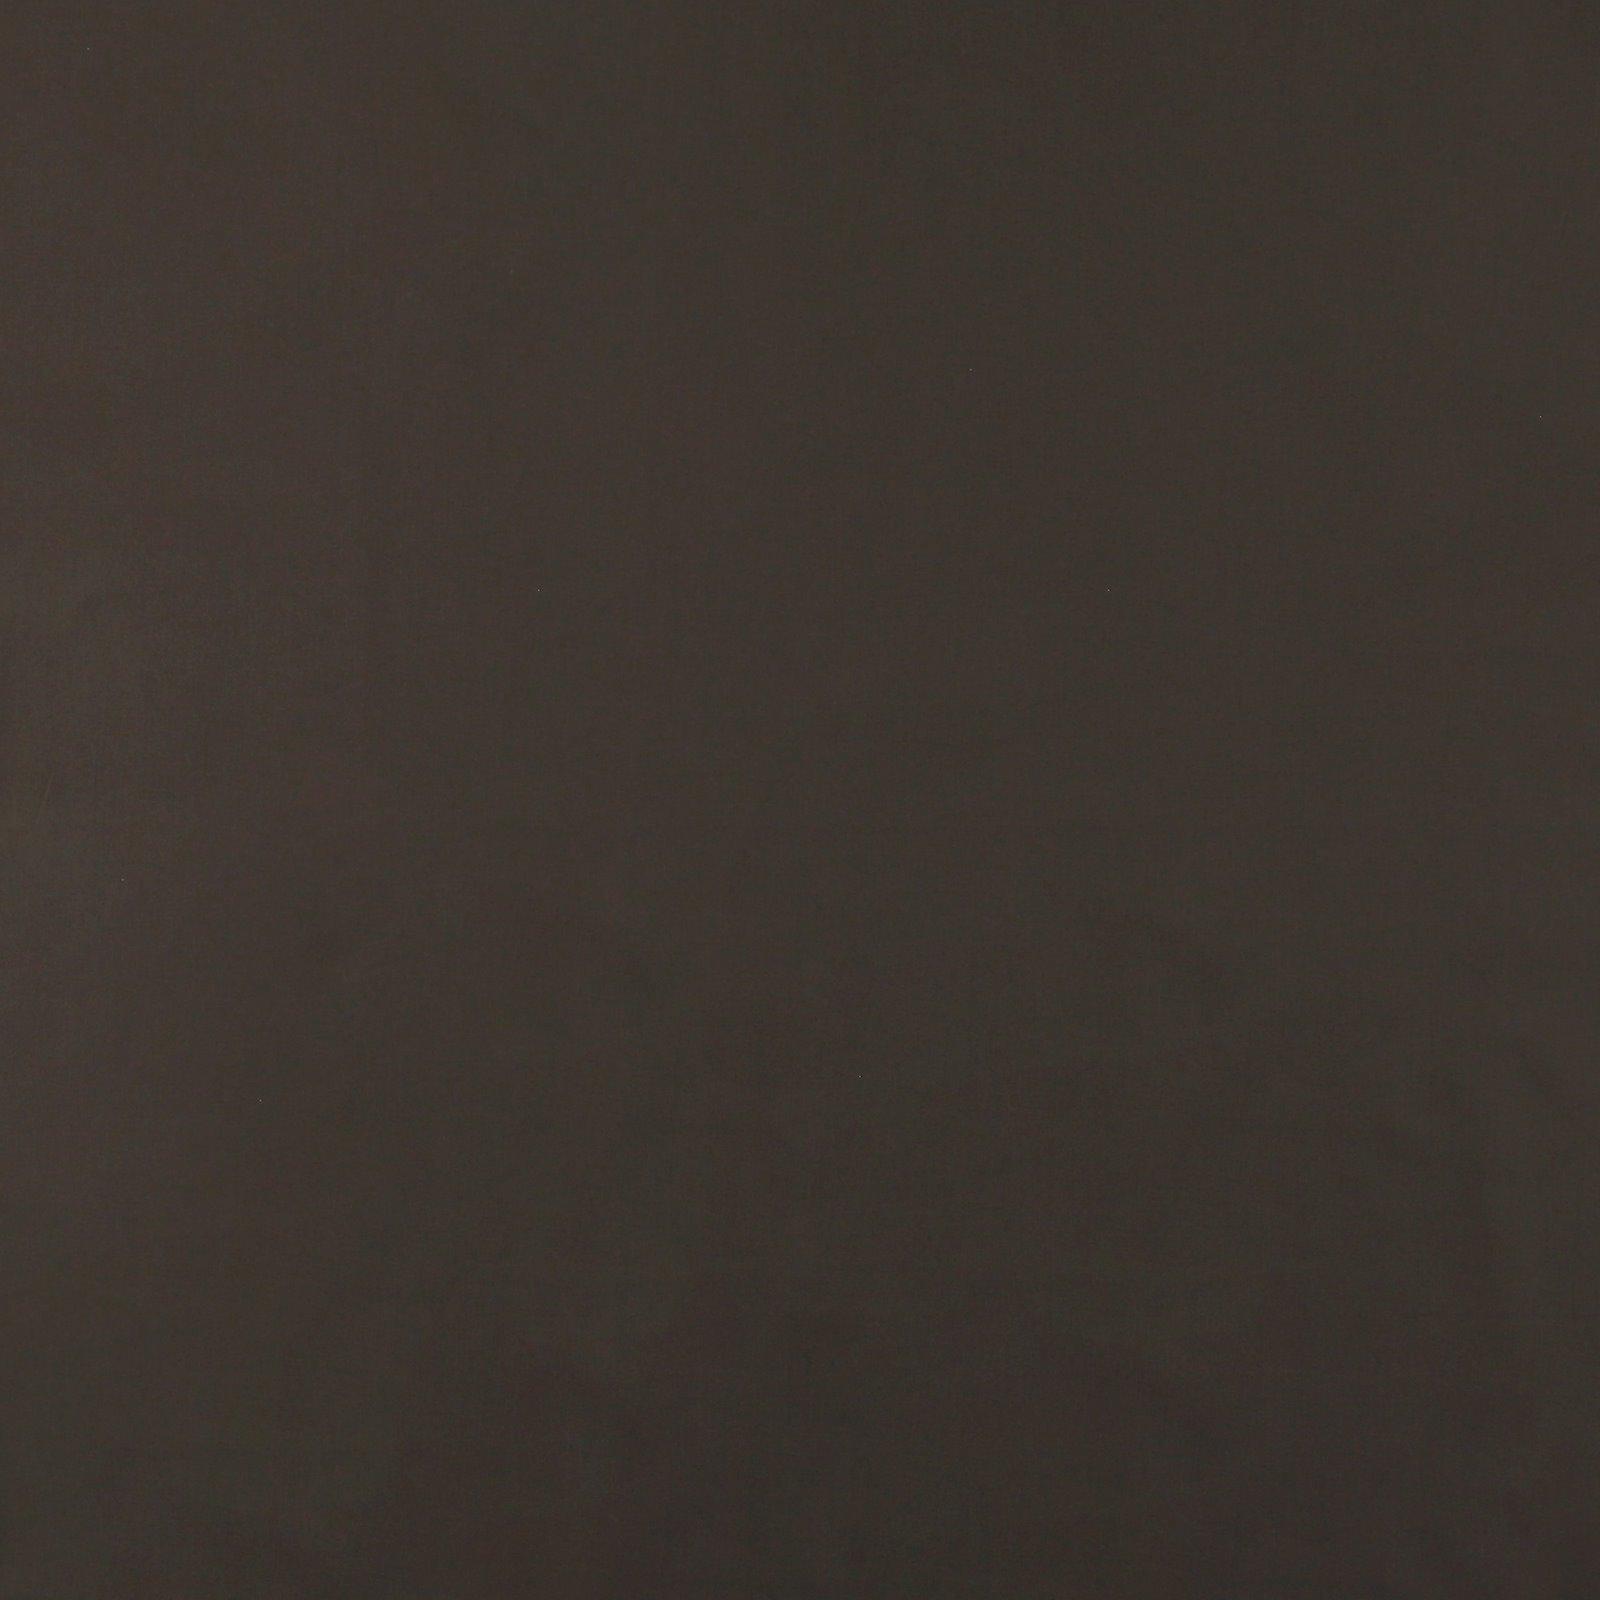 Luxury cotton dark brown 4305_pack_solid